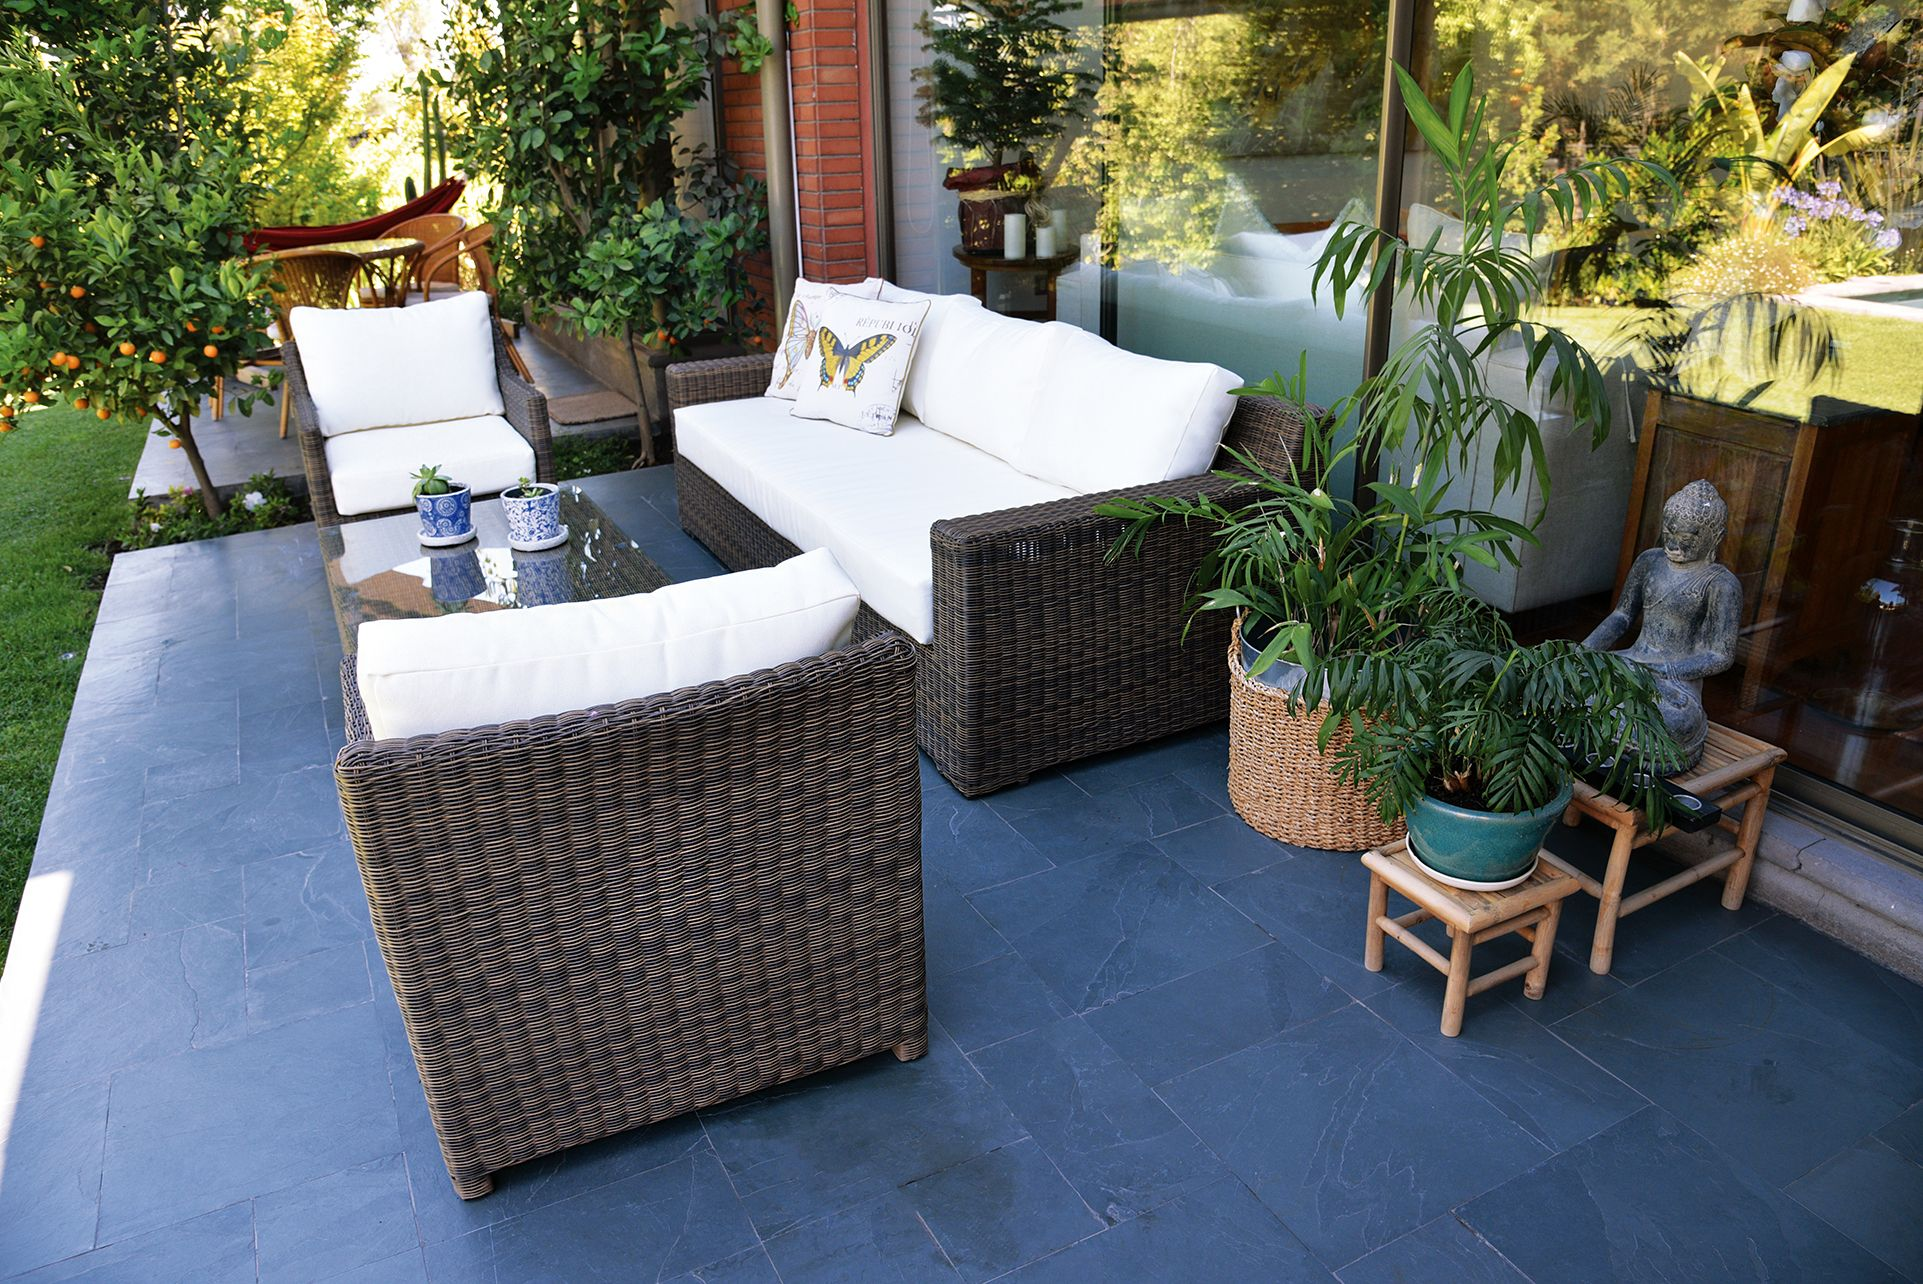 muebles rattan caf mixto en terraza particular las